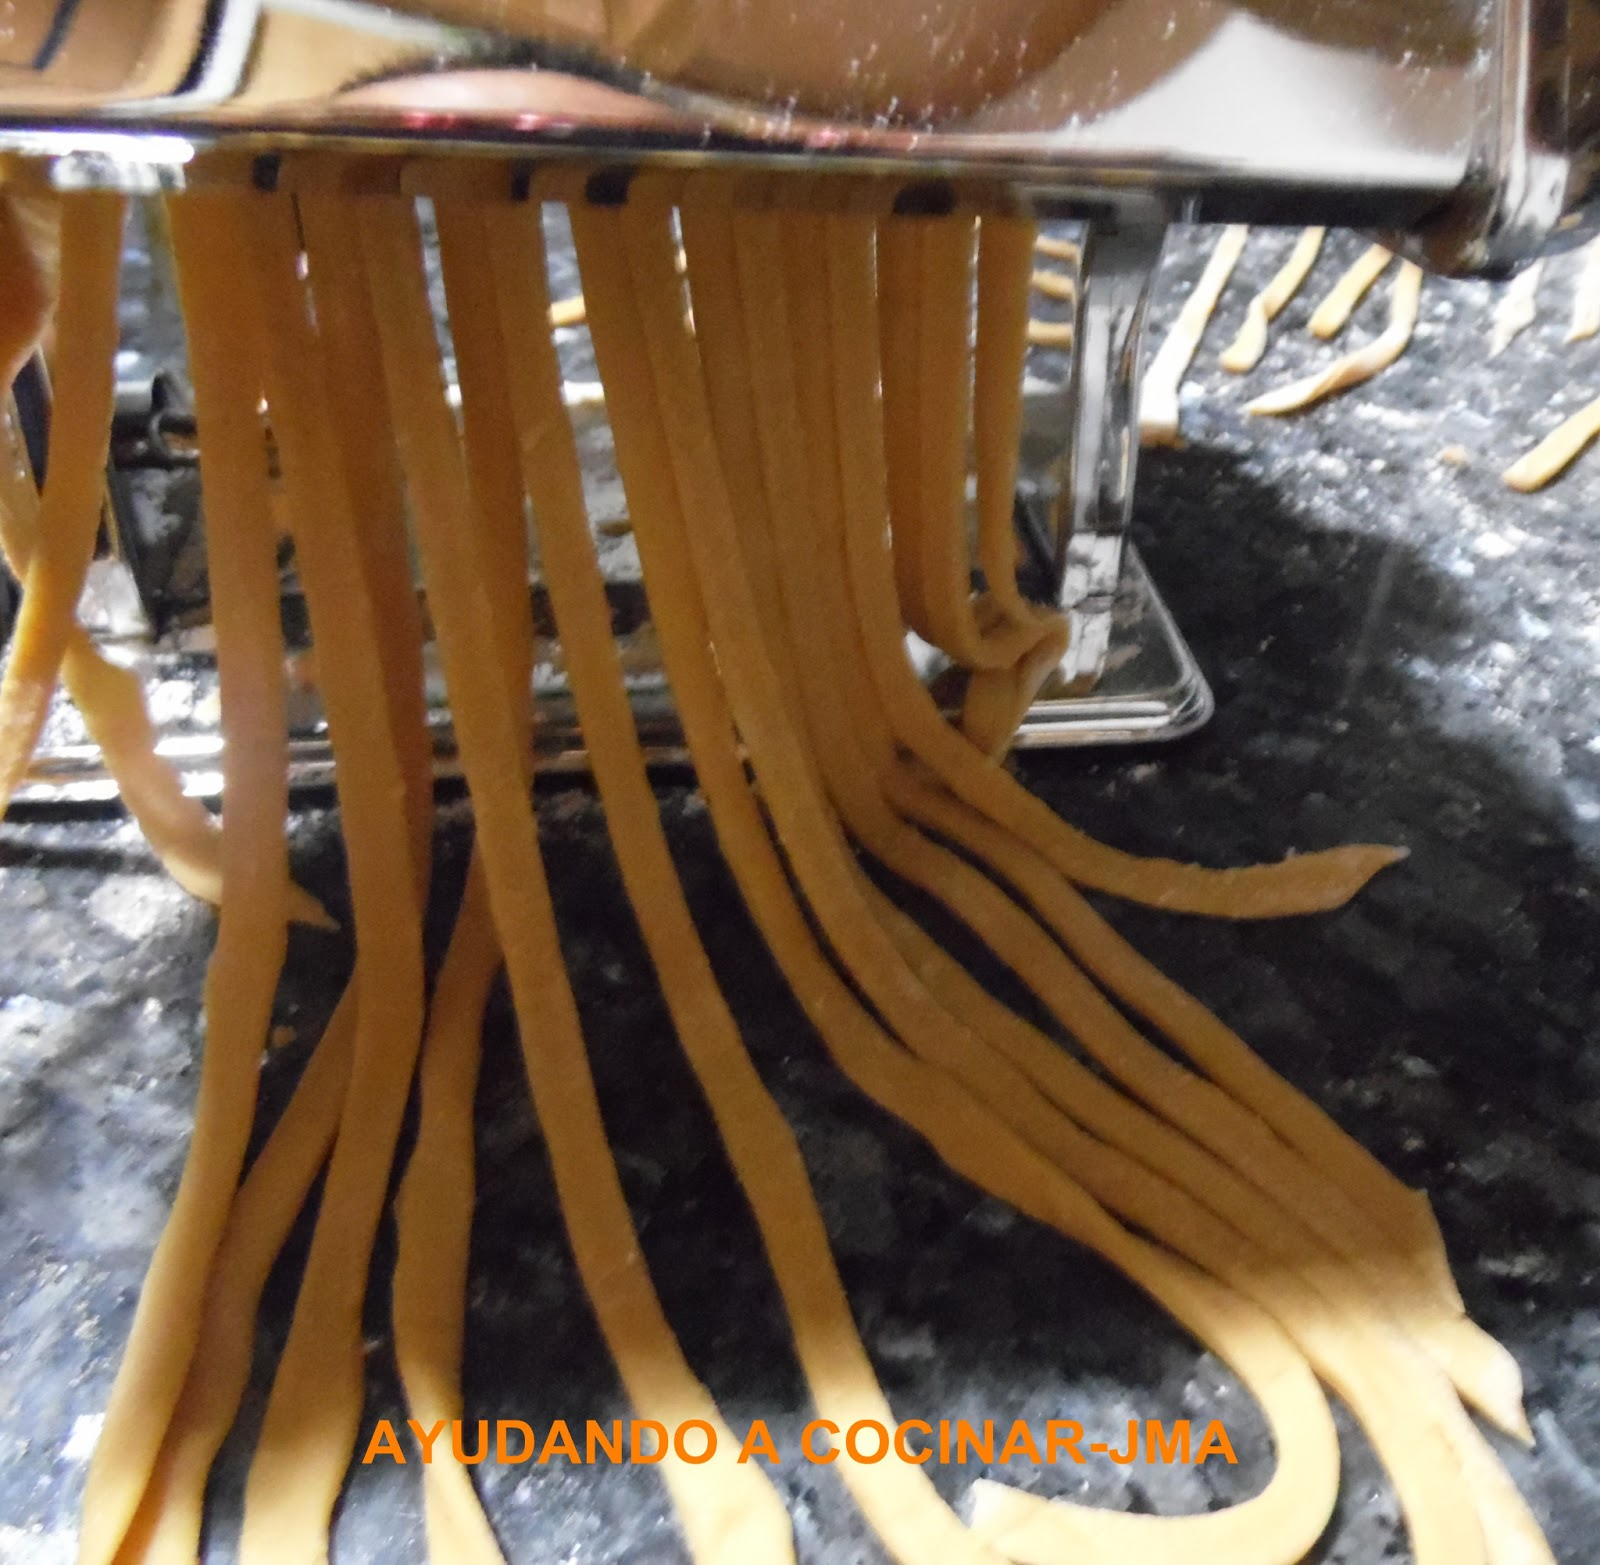 Ayudando a cocinar como hacer pasta fresca en casa for Como cocinar acelgas frescas